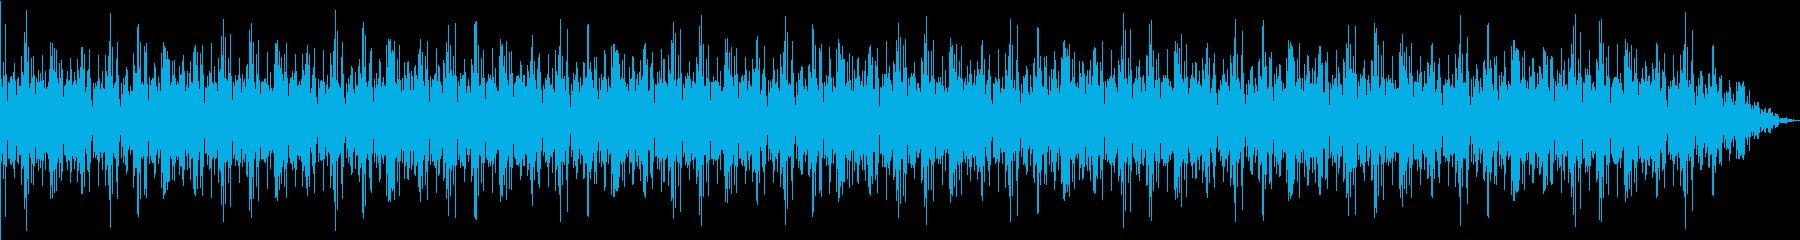 【ミステリアス】エレクトリックなBGMの再生済みの波形